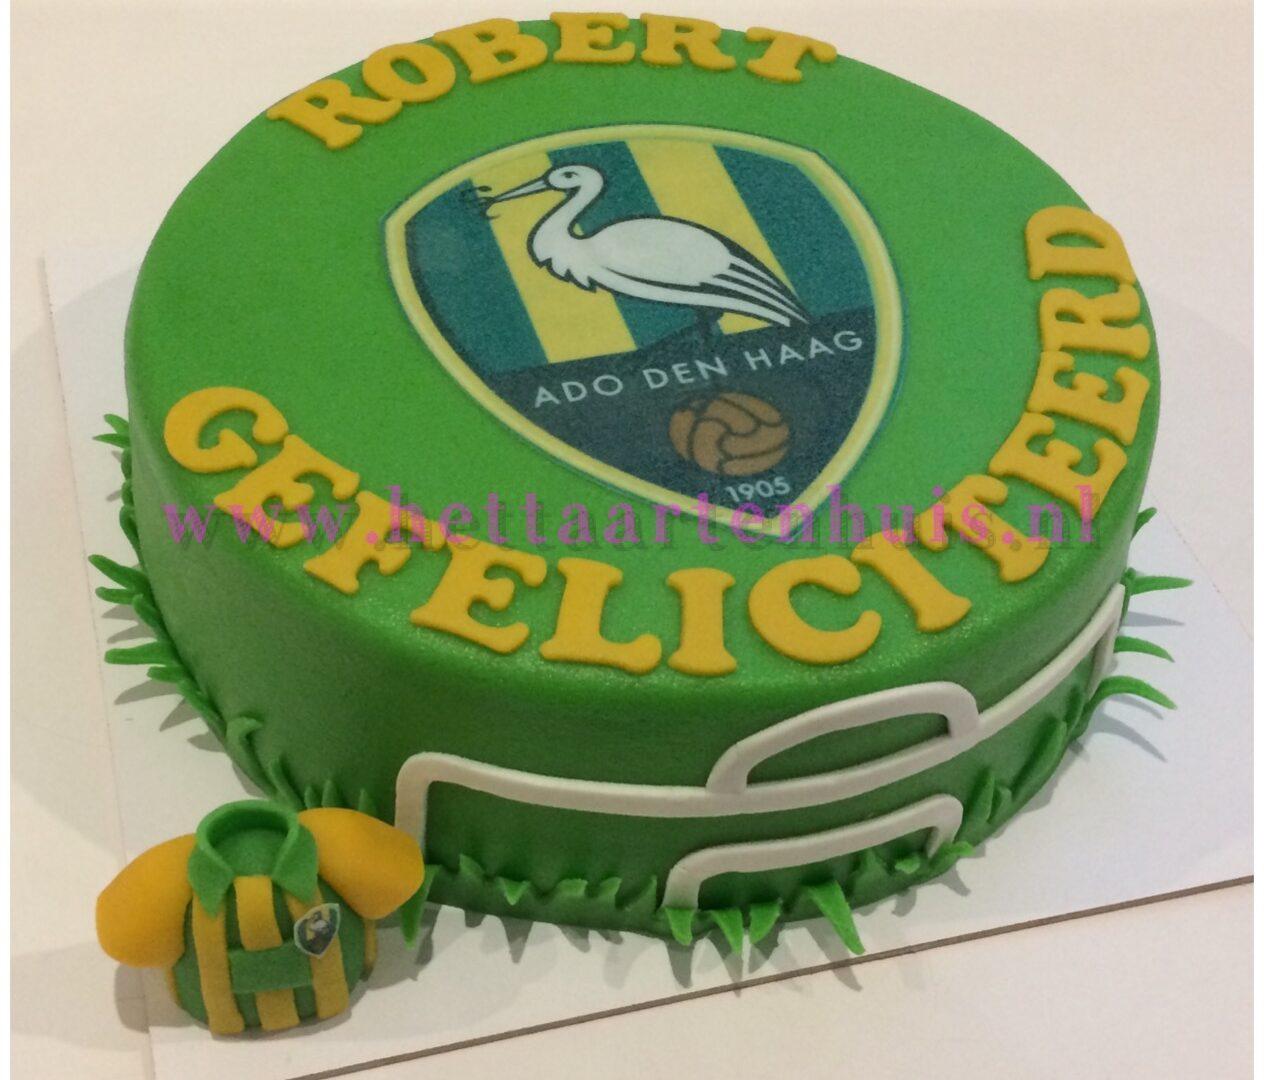 Ado Den Haag logo taart ROBERT